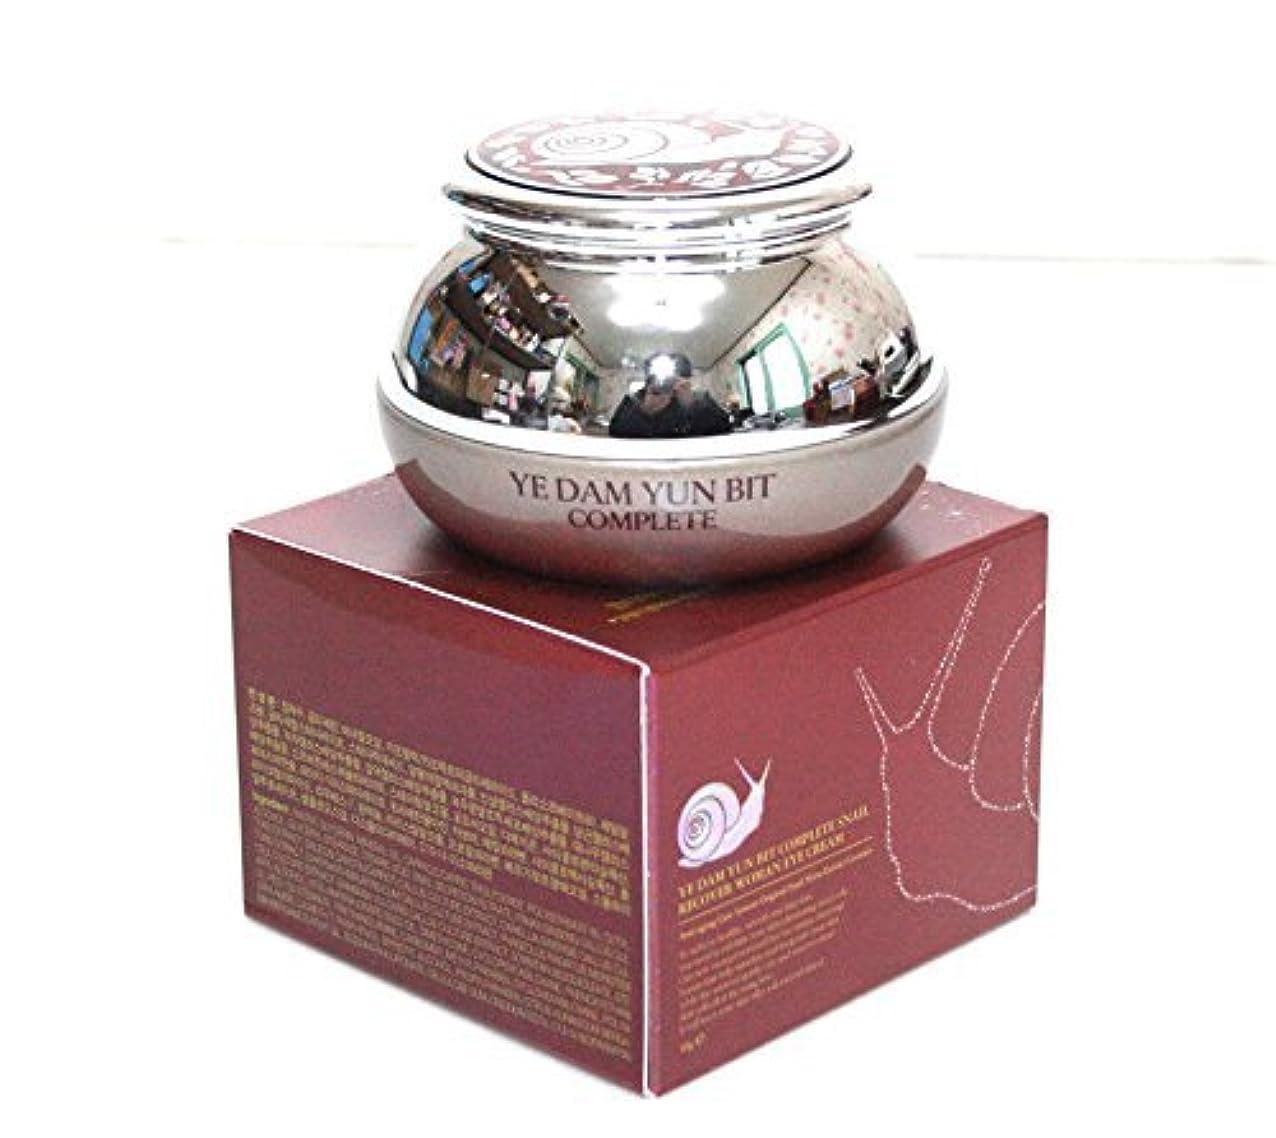 お風呂を持っている増強する洗剤[YEDAM YUN BIT] スキンが完成カタツムリ回復女性のアイクリーム50ml/韓国の化粧品/COMPLETE Skin Snail Recover Woman Eye Cream 50ml/Korean cosmetics [並行輸入品]